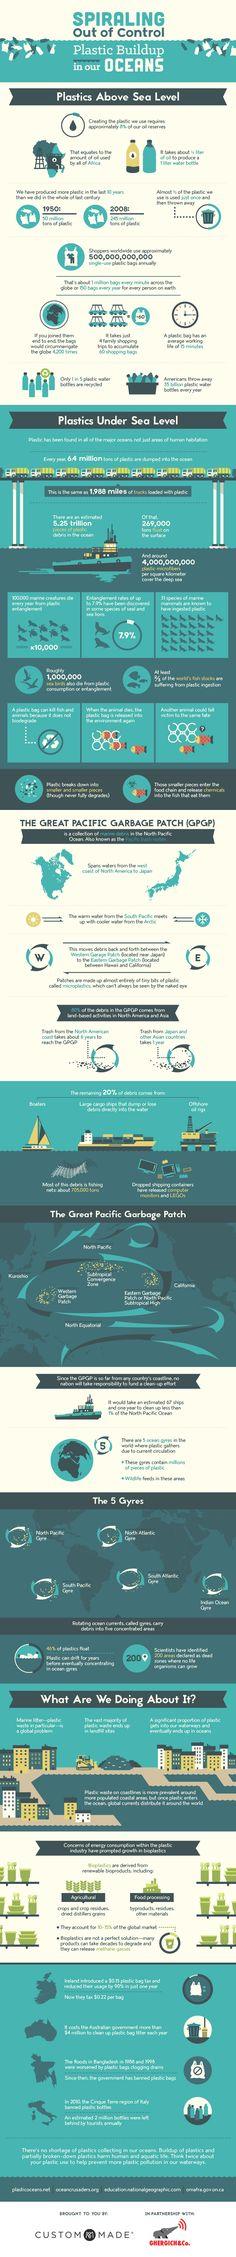 Plastic Buildup in Our Oceans | Blogging Hub